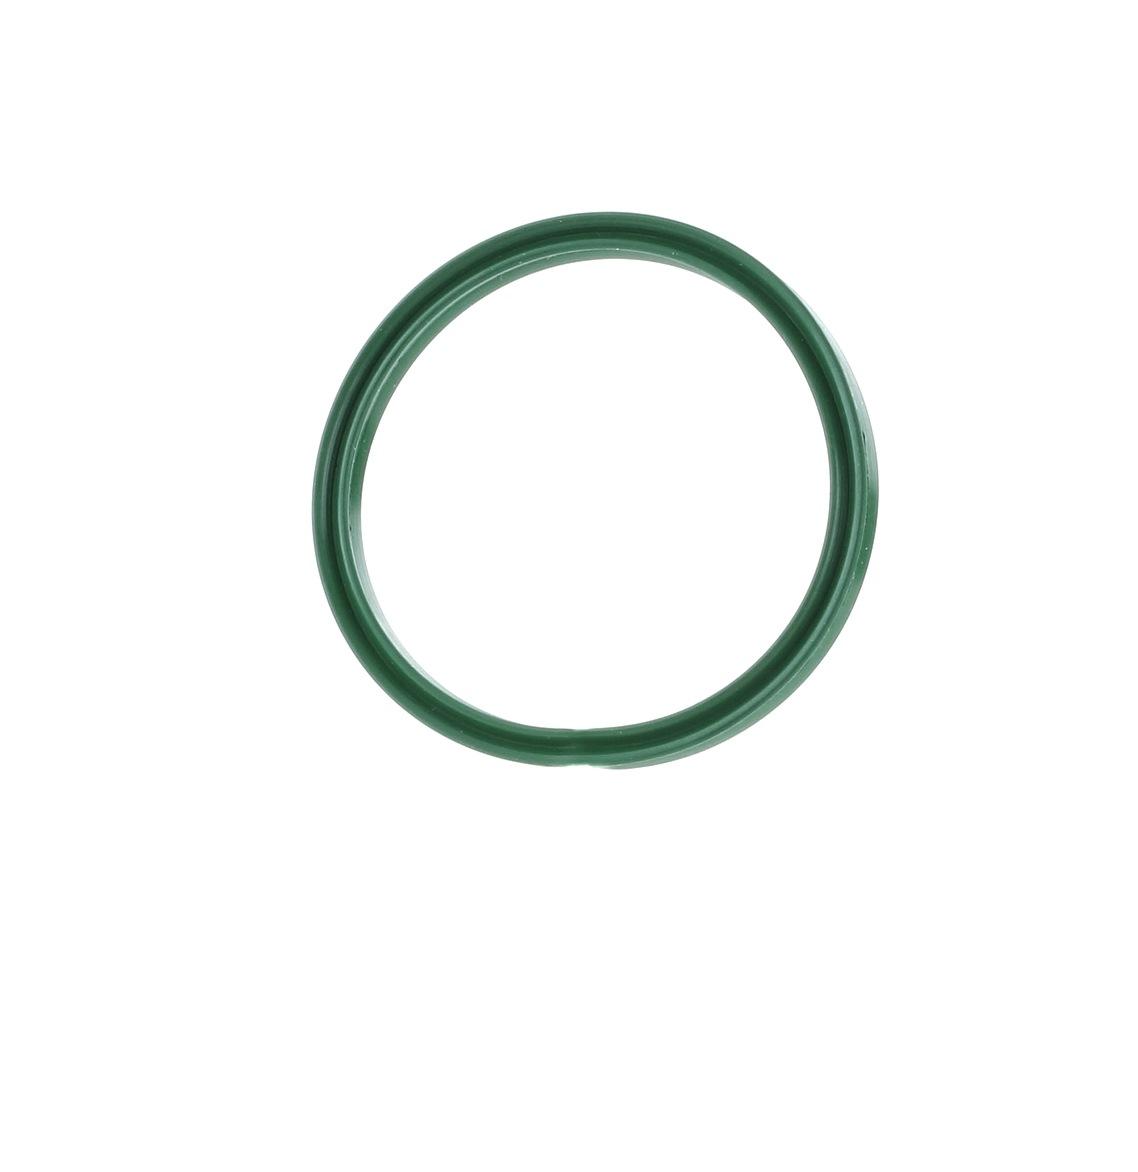 Buy original Pipes and hoses TOPRAN 115 071